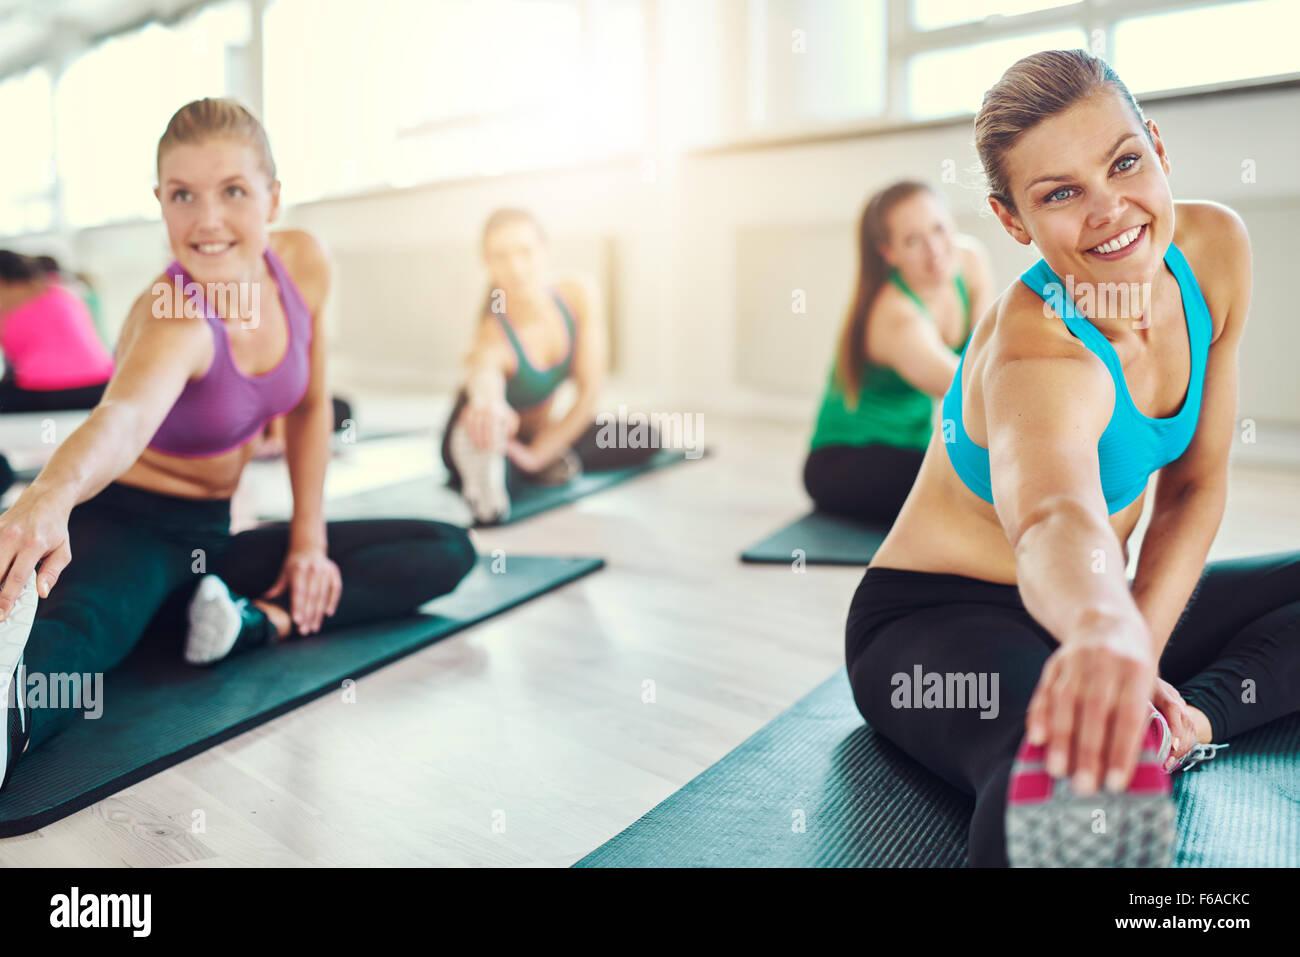 Groupe de femmes en bonne santé dans une classe de remise en forme, fitness, sport, de la formation, de l'aérobic Photo Stock